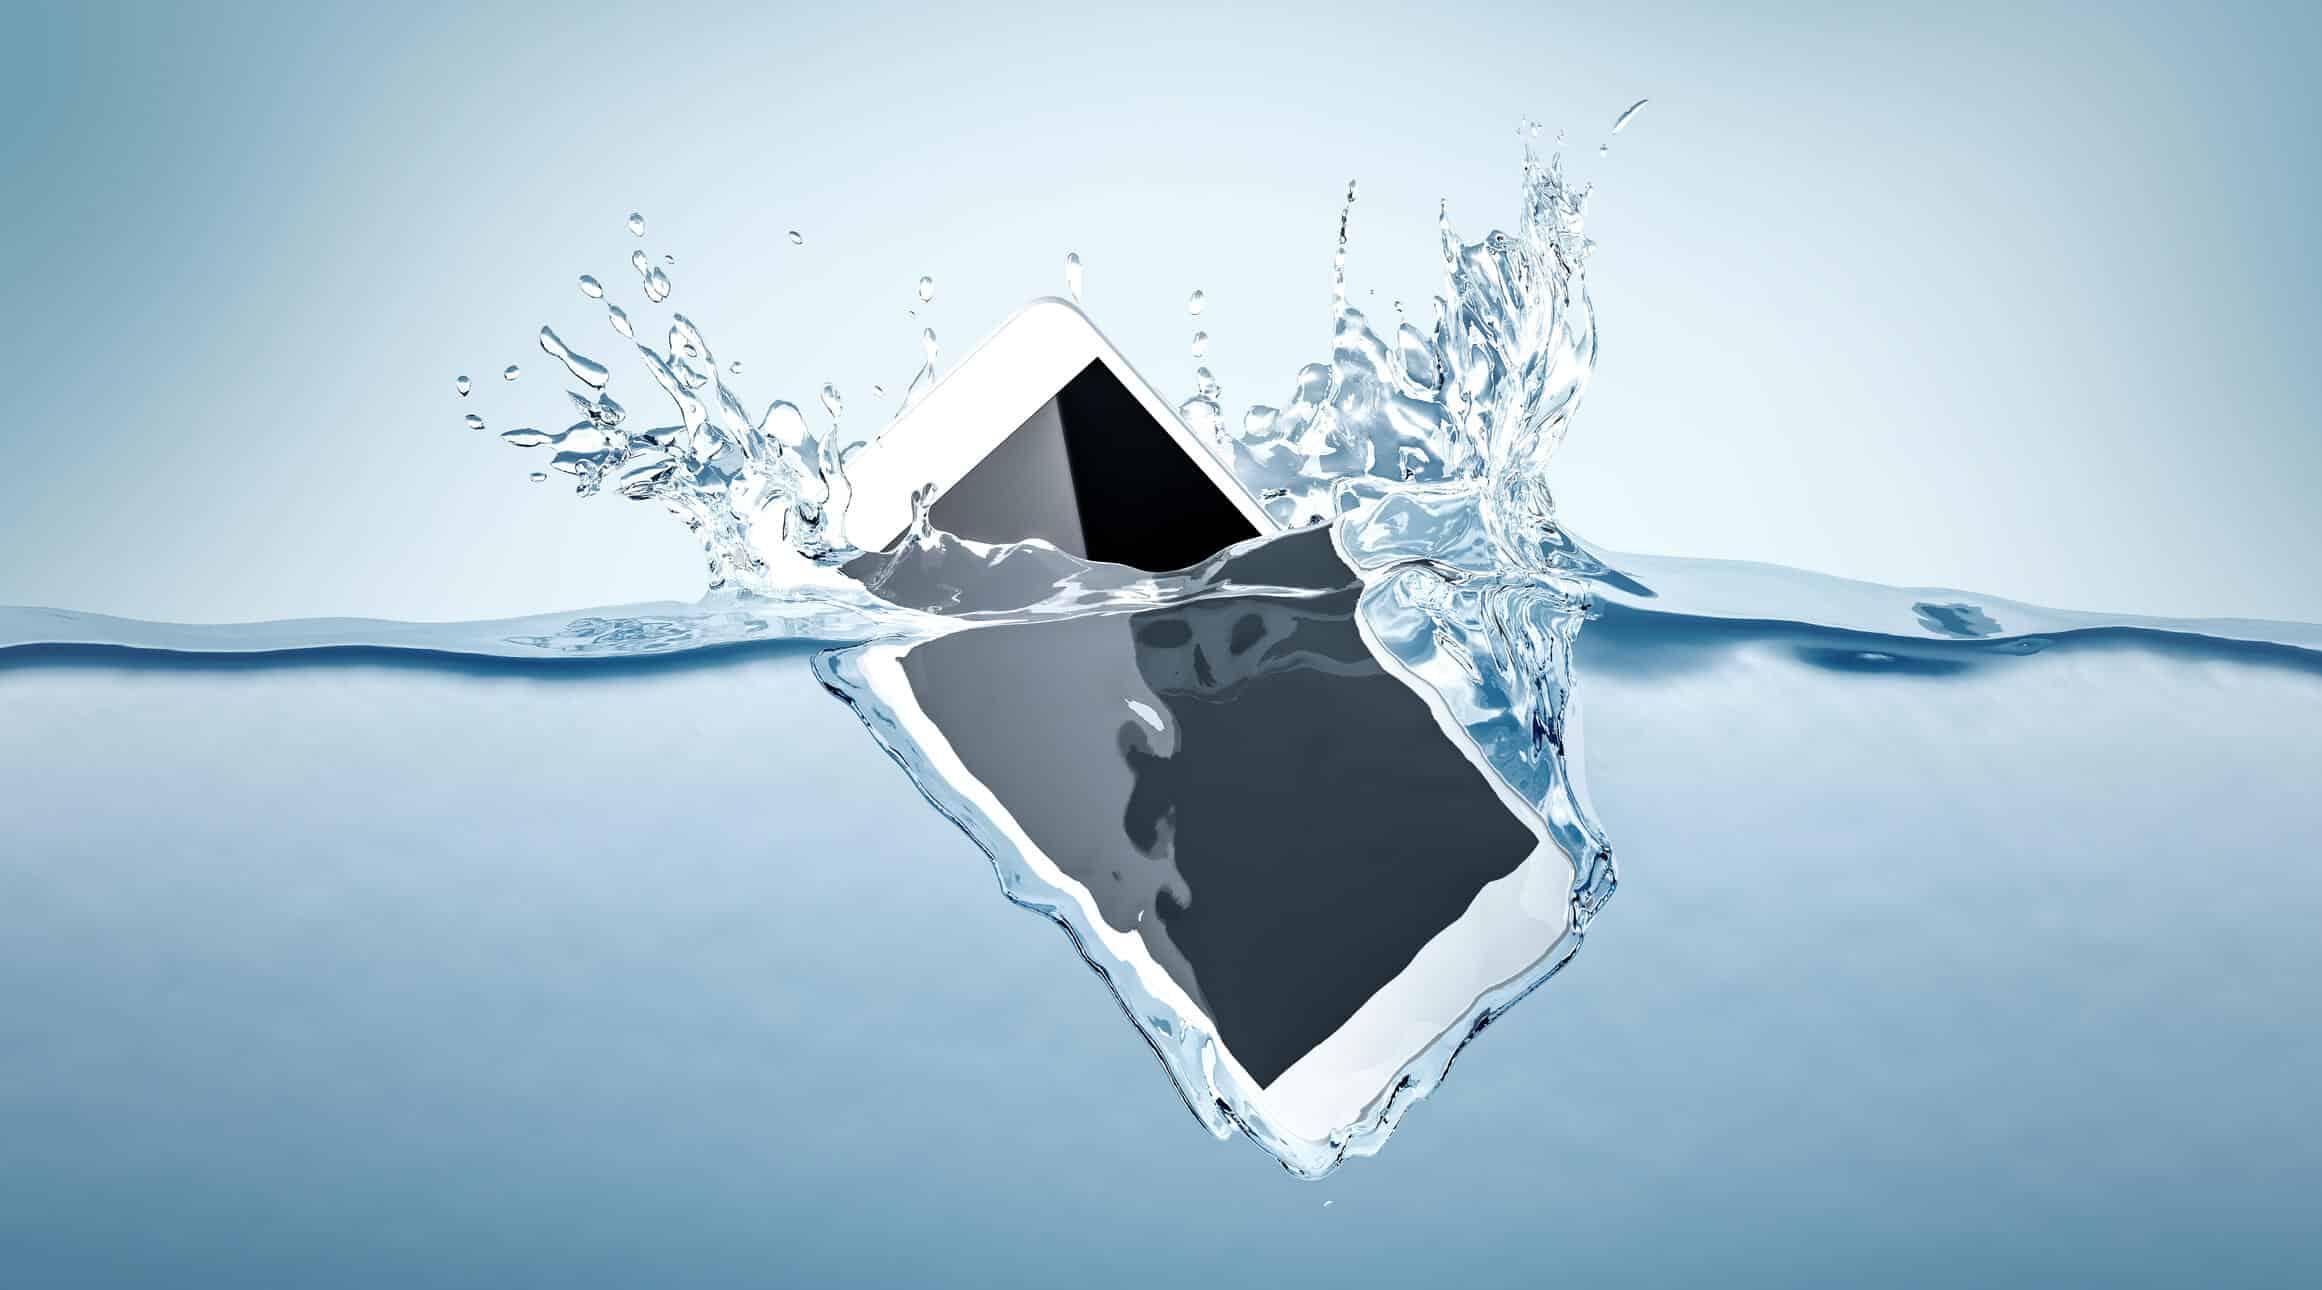 iphone mergulhando numa quantidade grande de agua